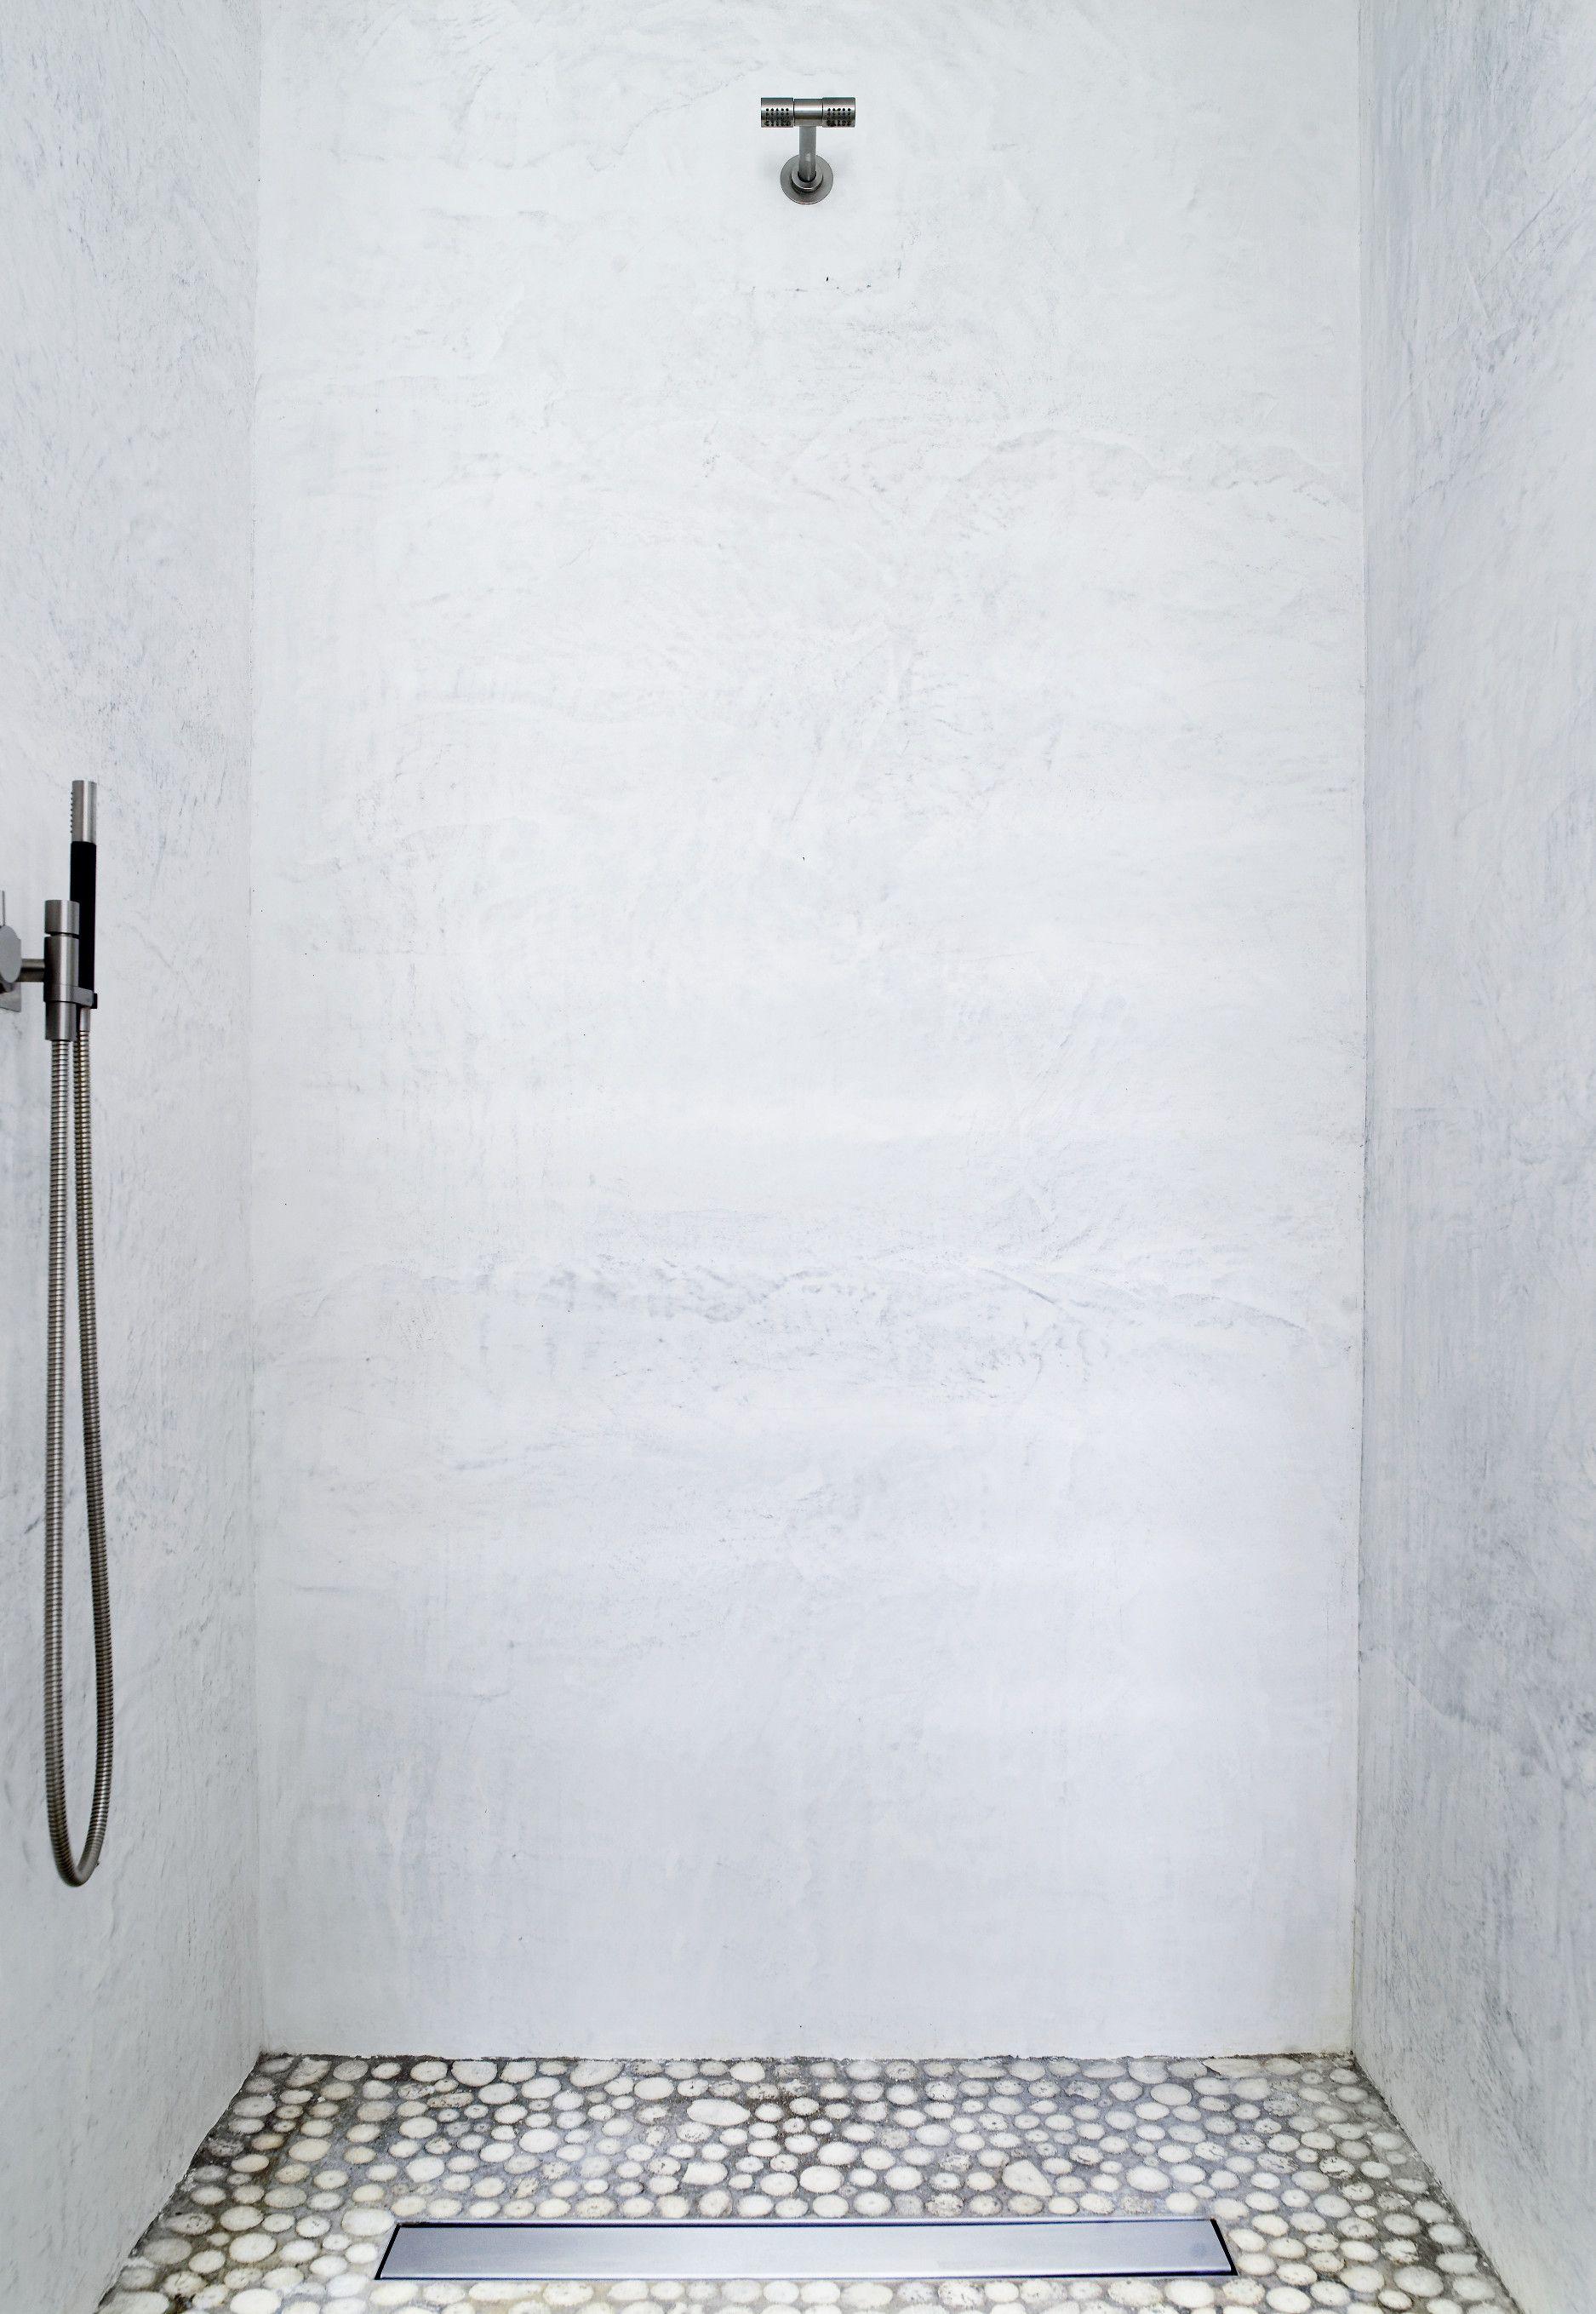 Karin Meyn | Shower design by Piet Boon